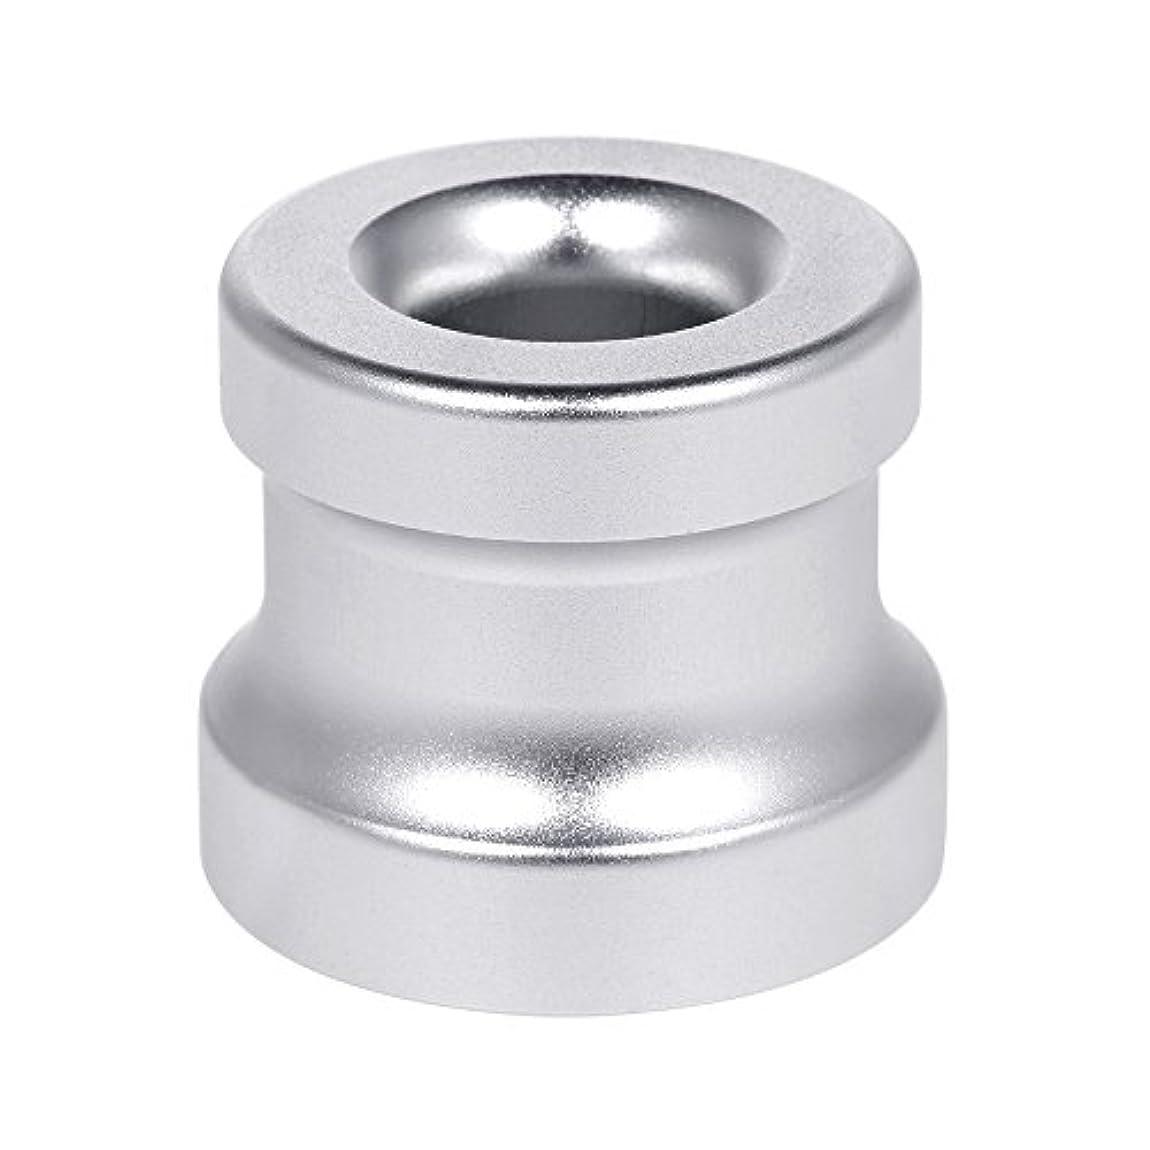 転倒現れる物質Decdeal シェービングカミソリスタンド ホルダー アルミニウム合金 安全カミソリベース シェービングカミソリアクセサリー 1Pc